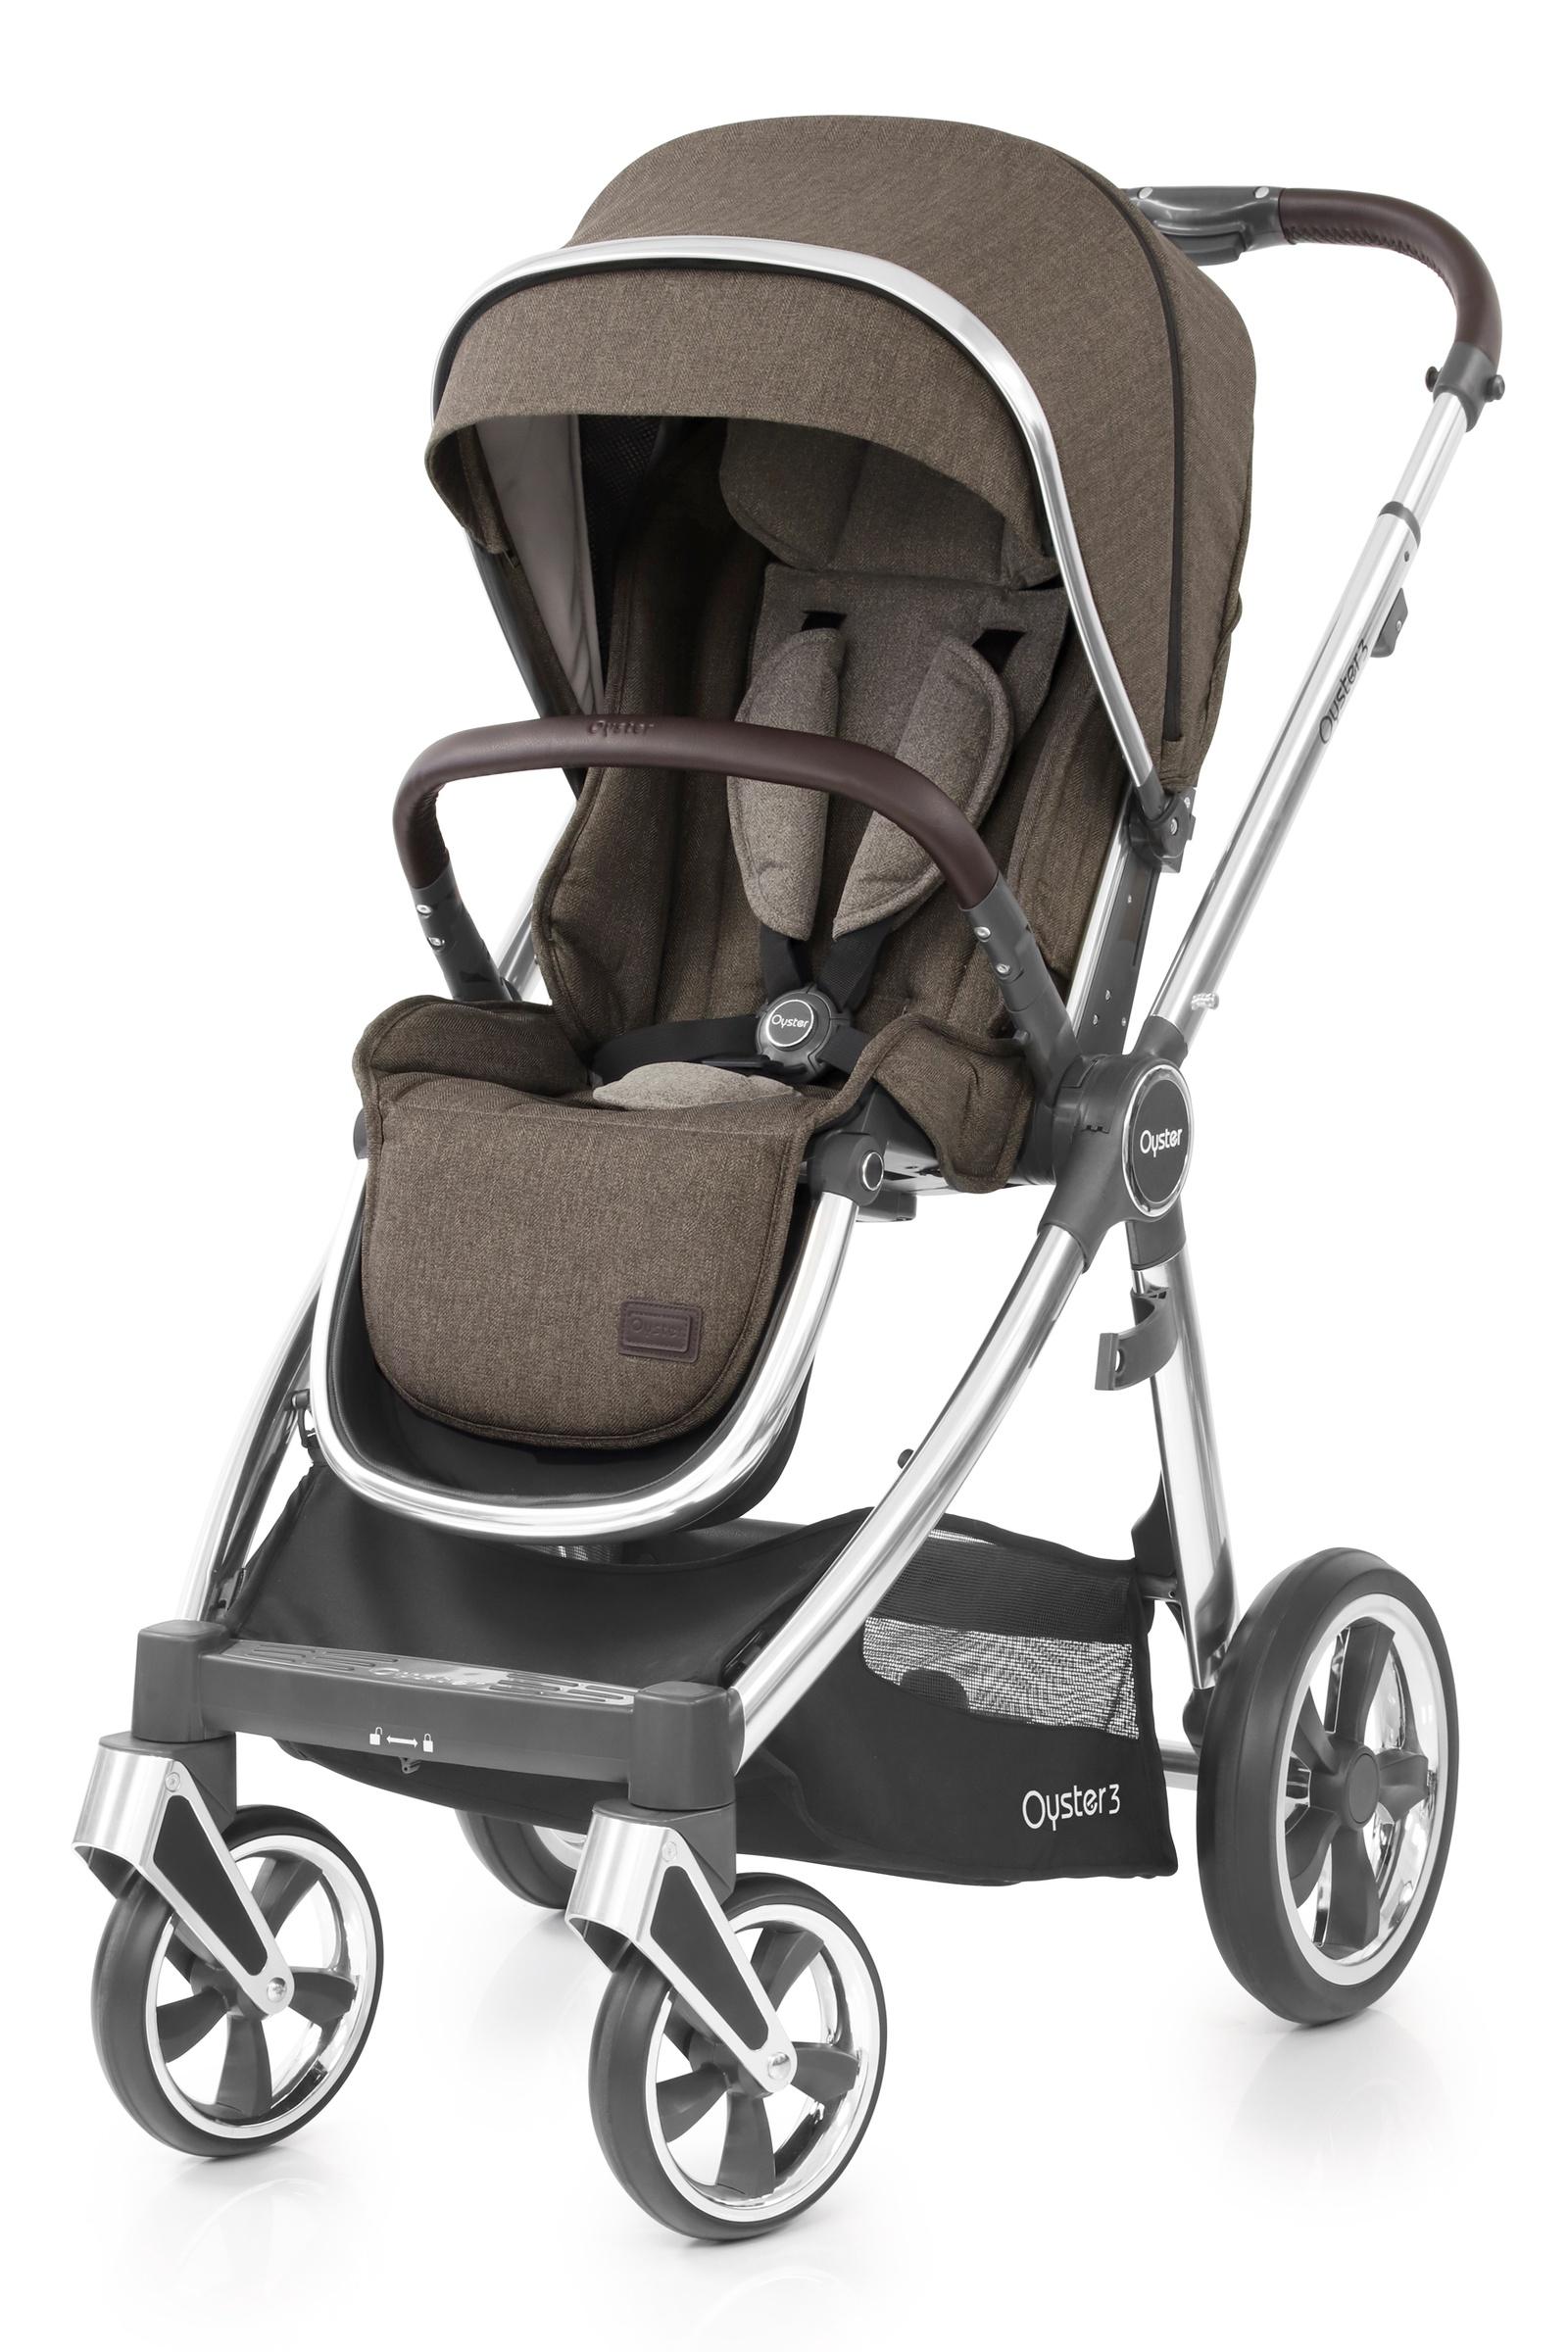 Детская прогулочная коляска Oyster 3 Truffle на серебристом шасси